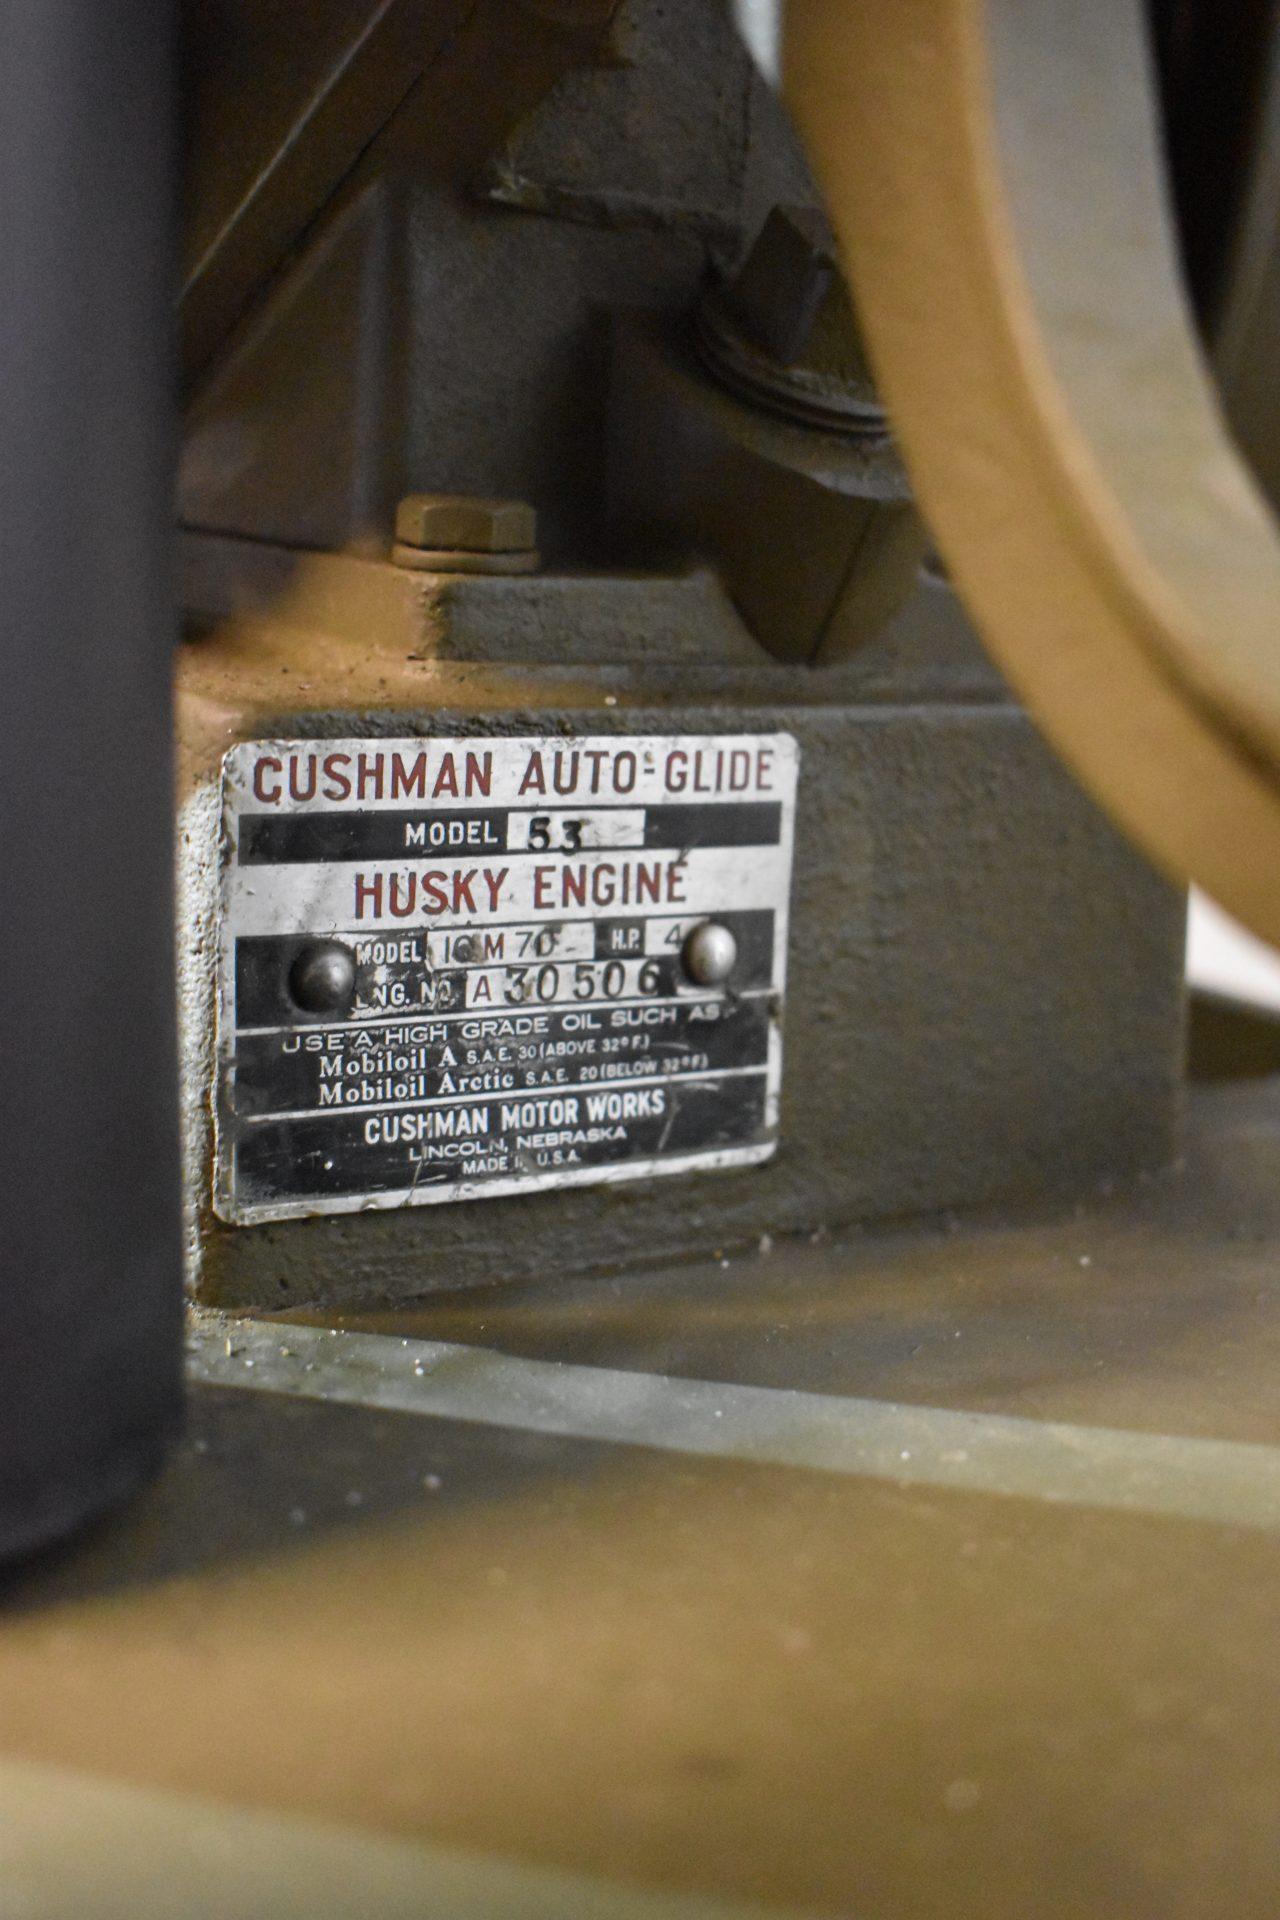 Cushman 53 serial